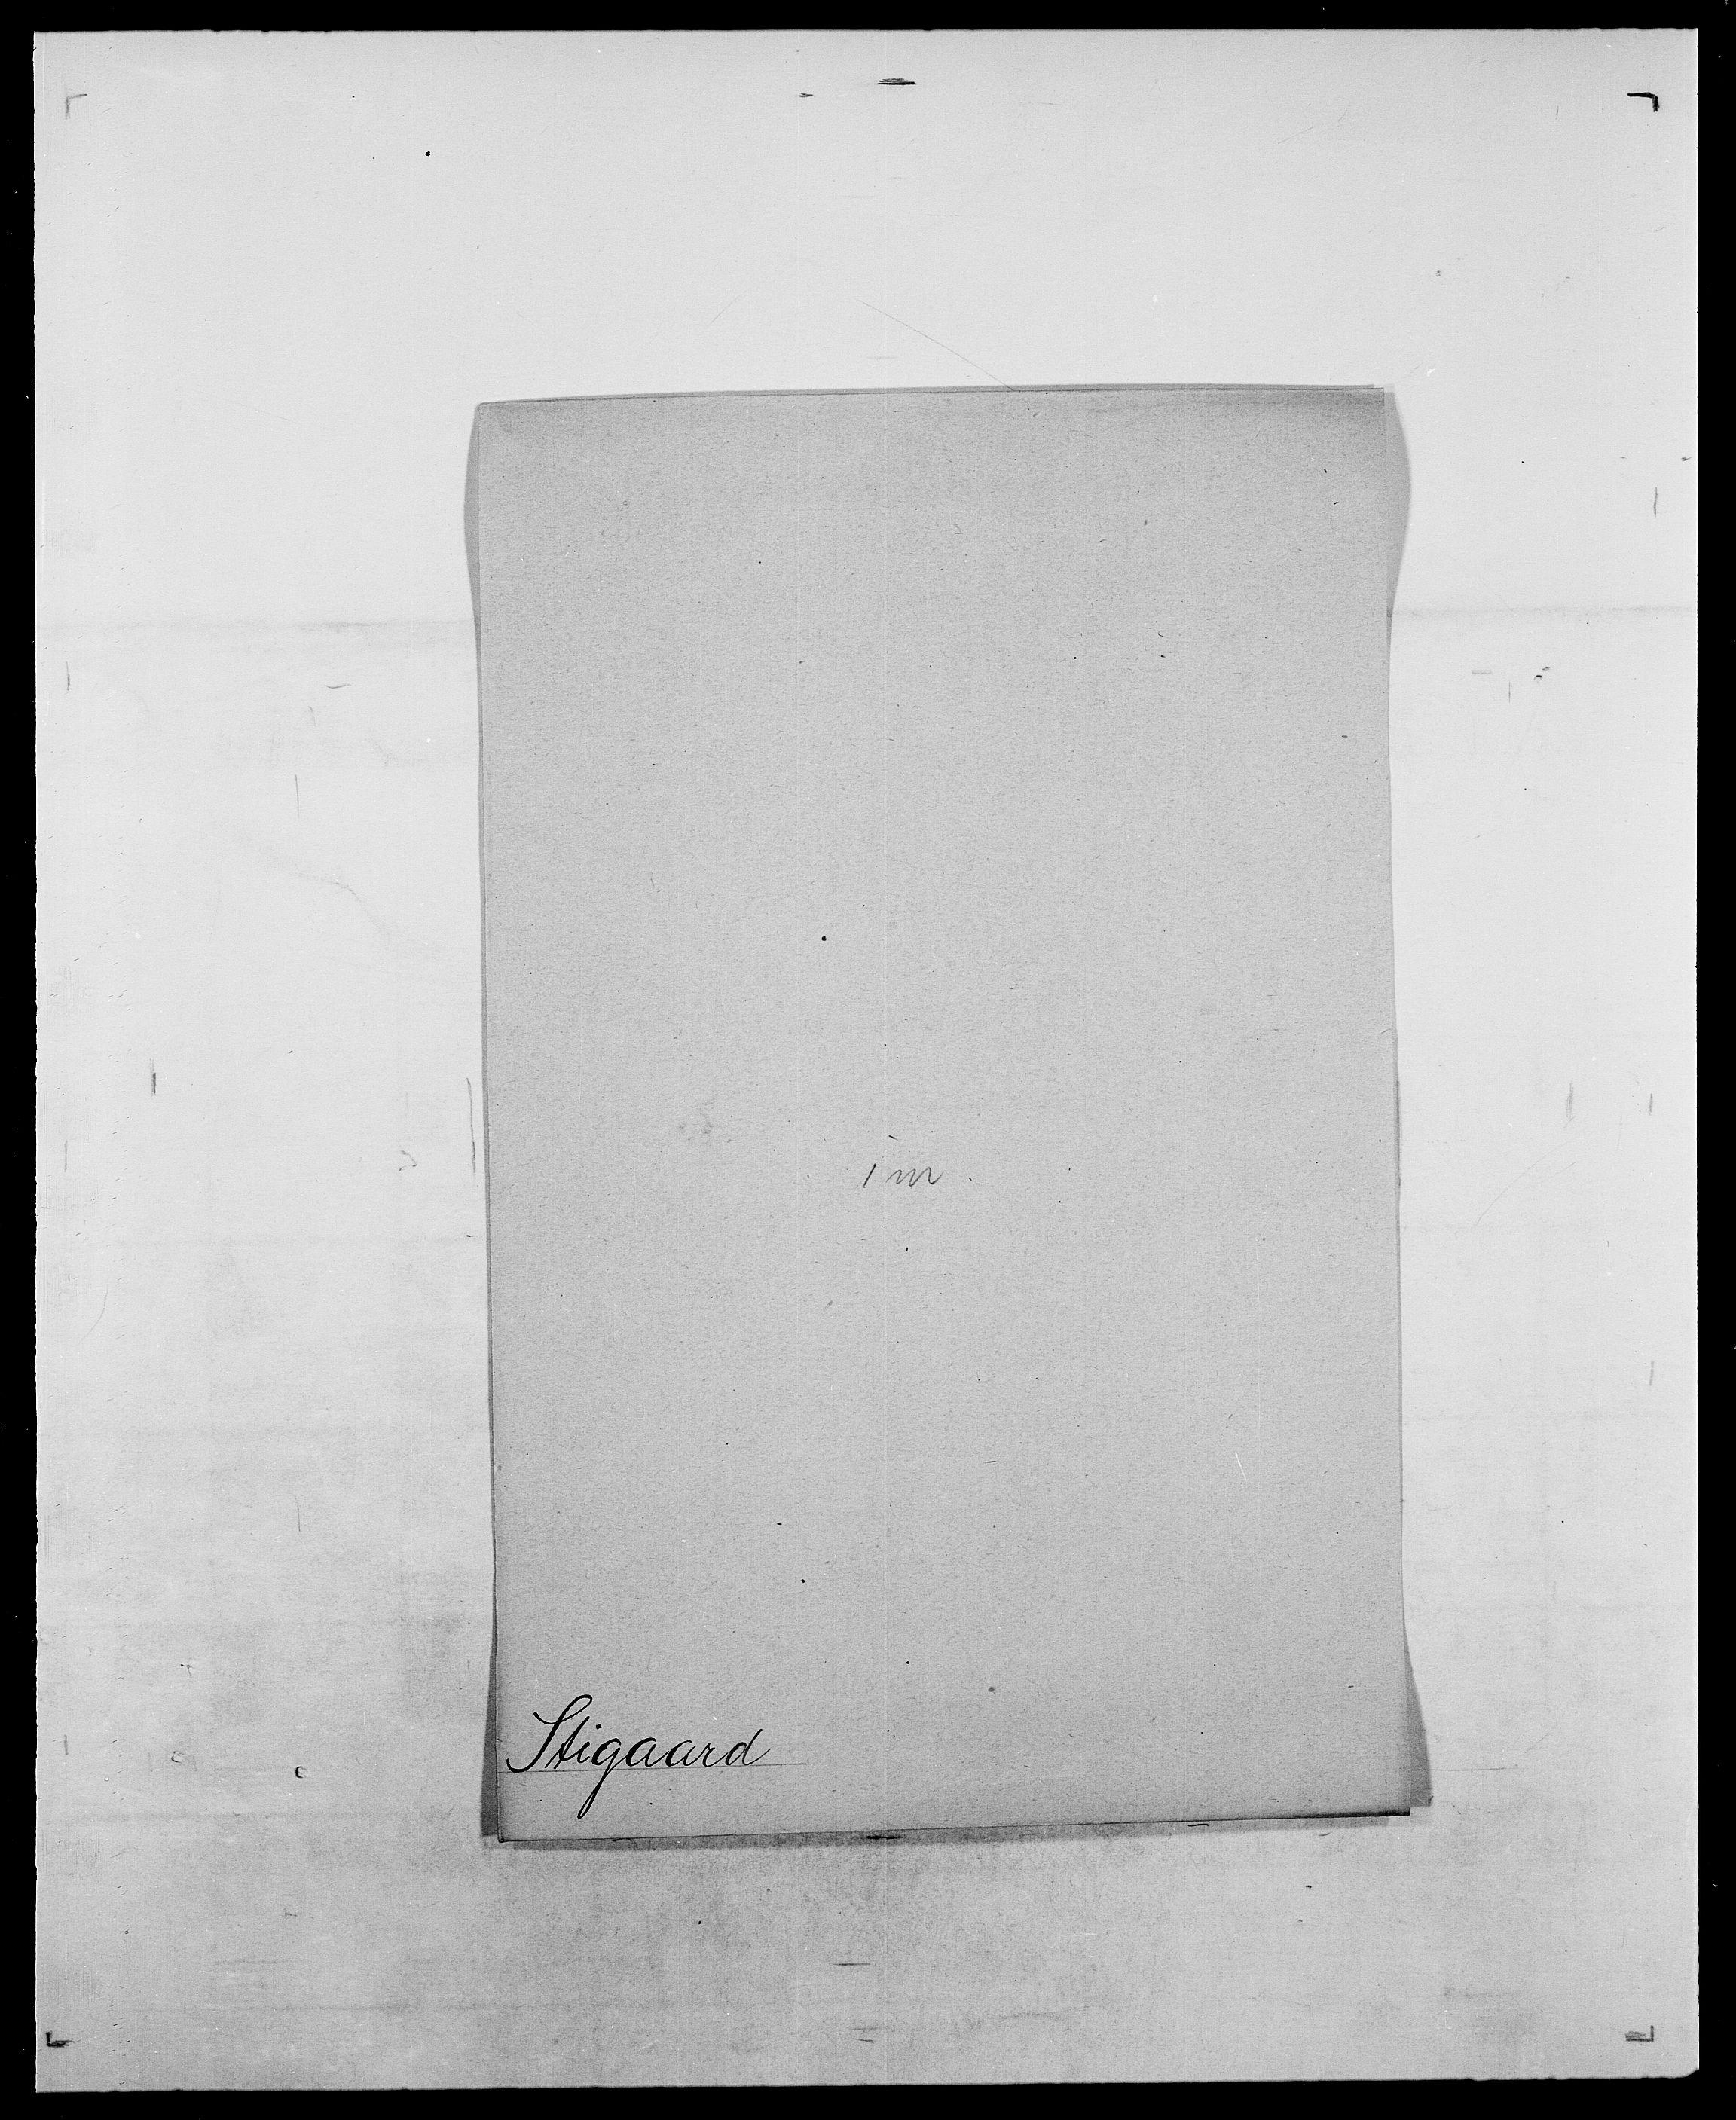 SAO, Delgobe, Charles Antoine - samling, D/Da/L0037: Steen, Sthen, Stein - Svare, Svanige, Svanne, se også Svanning og Schwane, s. 385